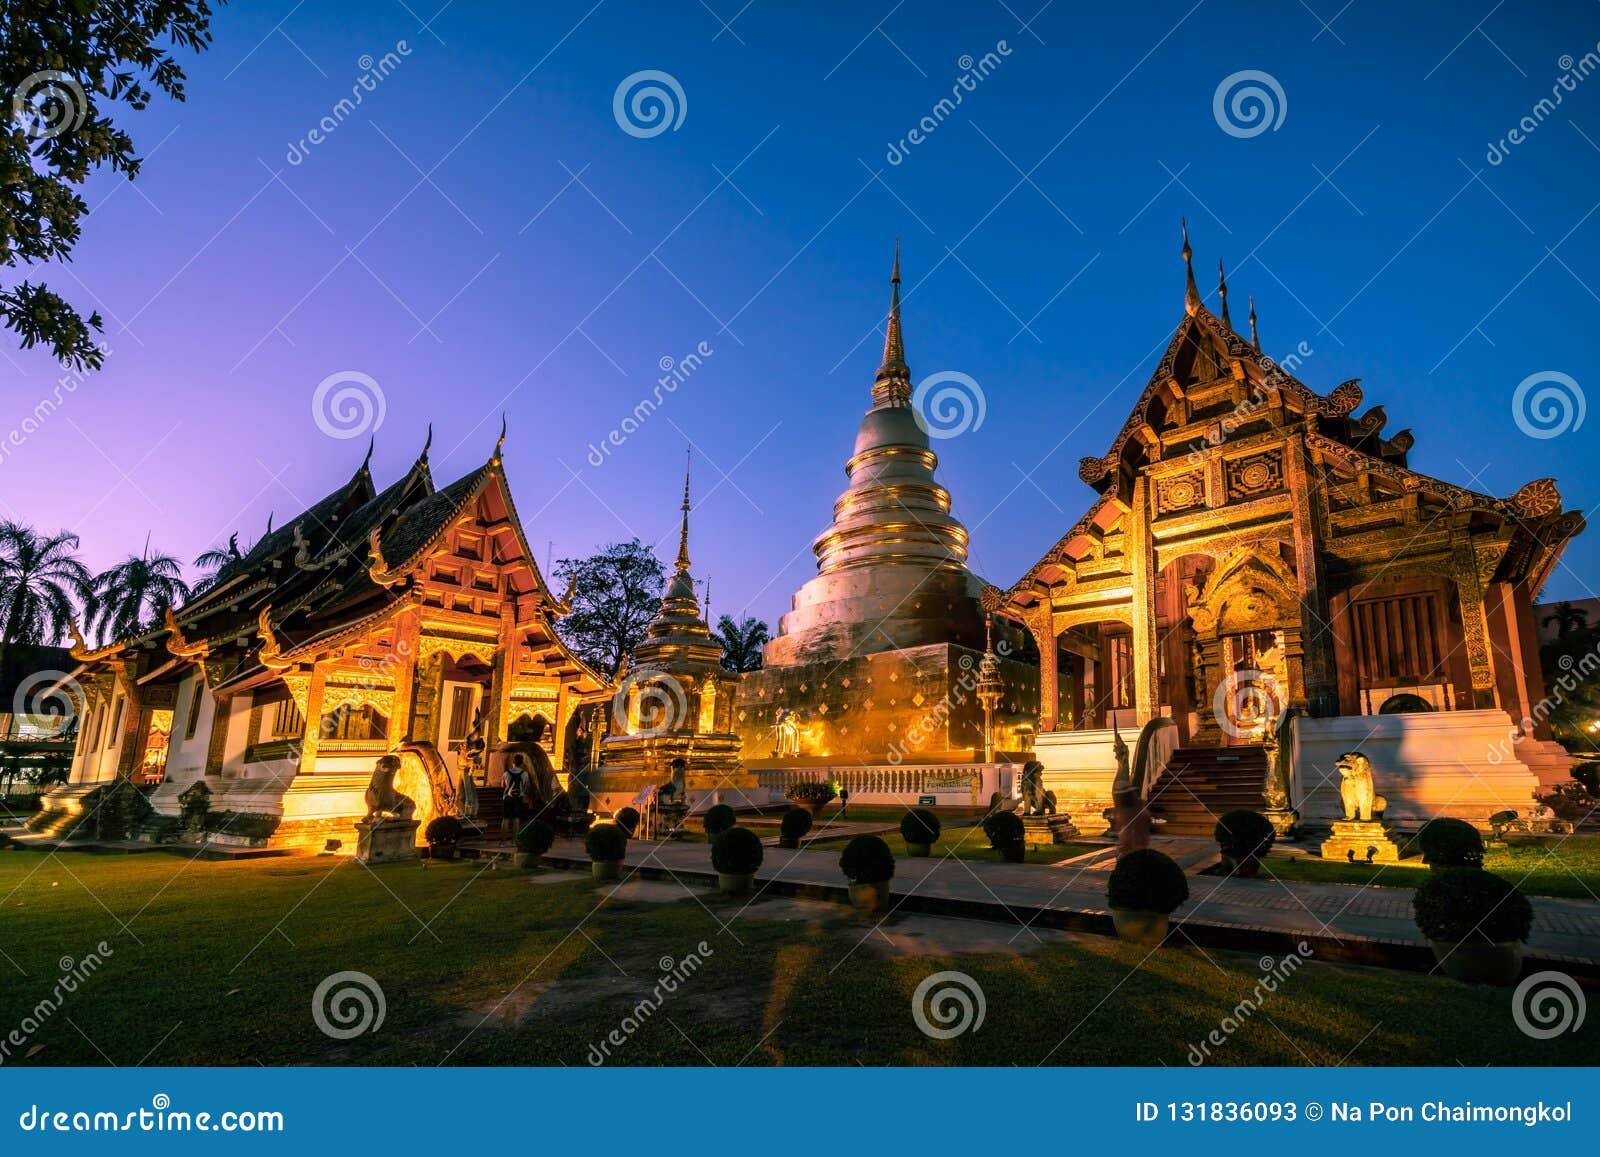 Wat Phra Singh pendant le ciel crépusculaire